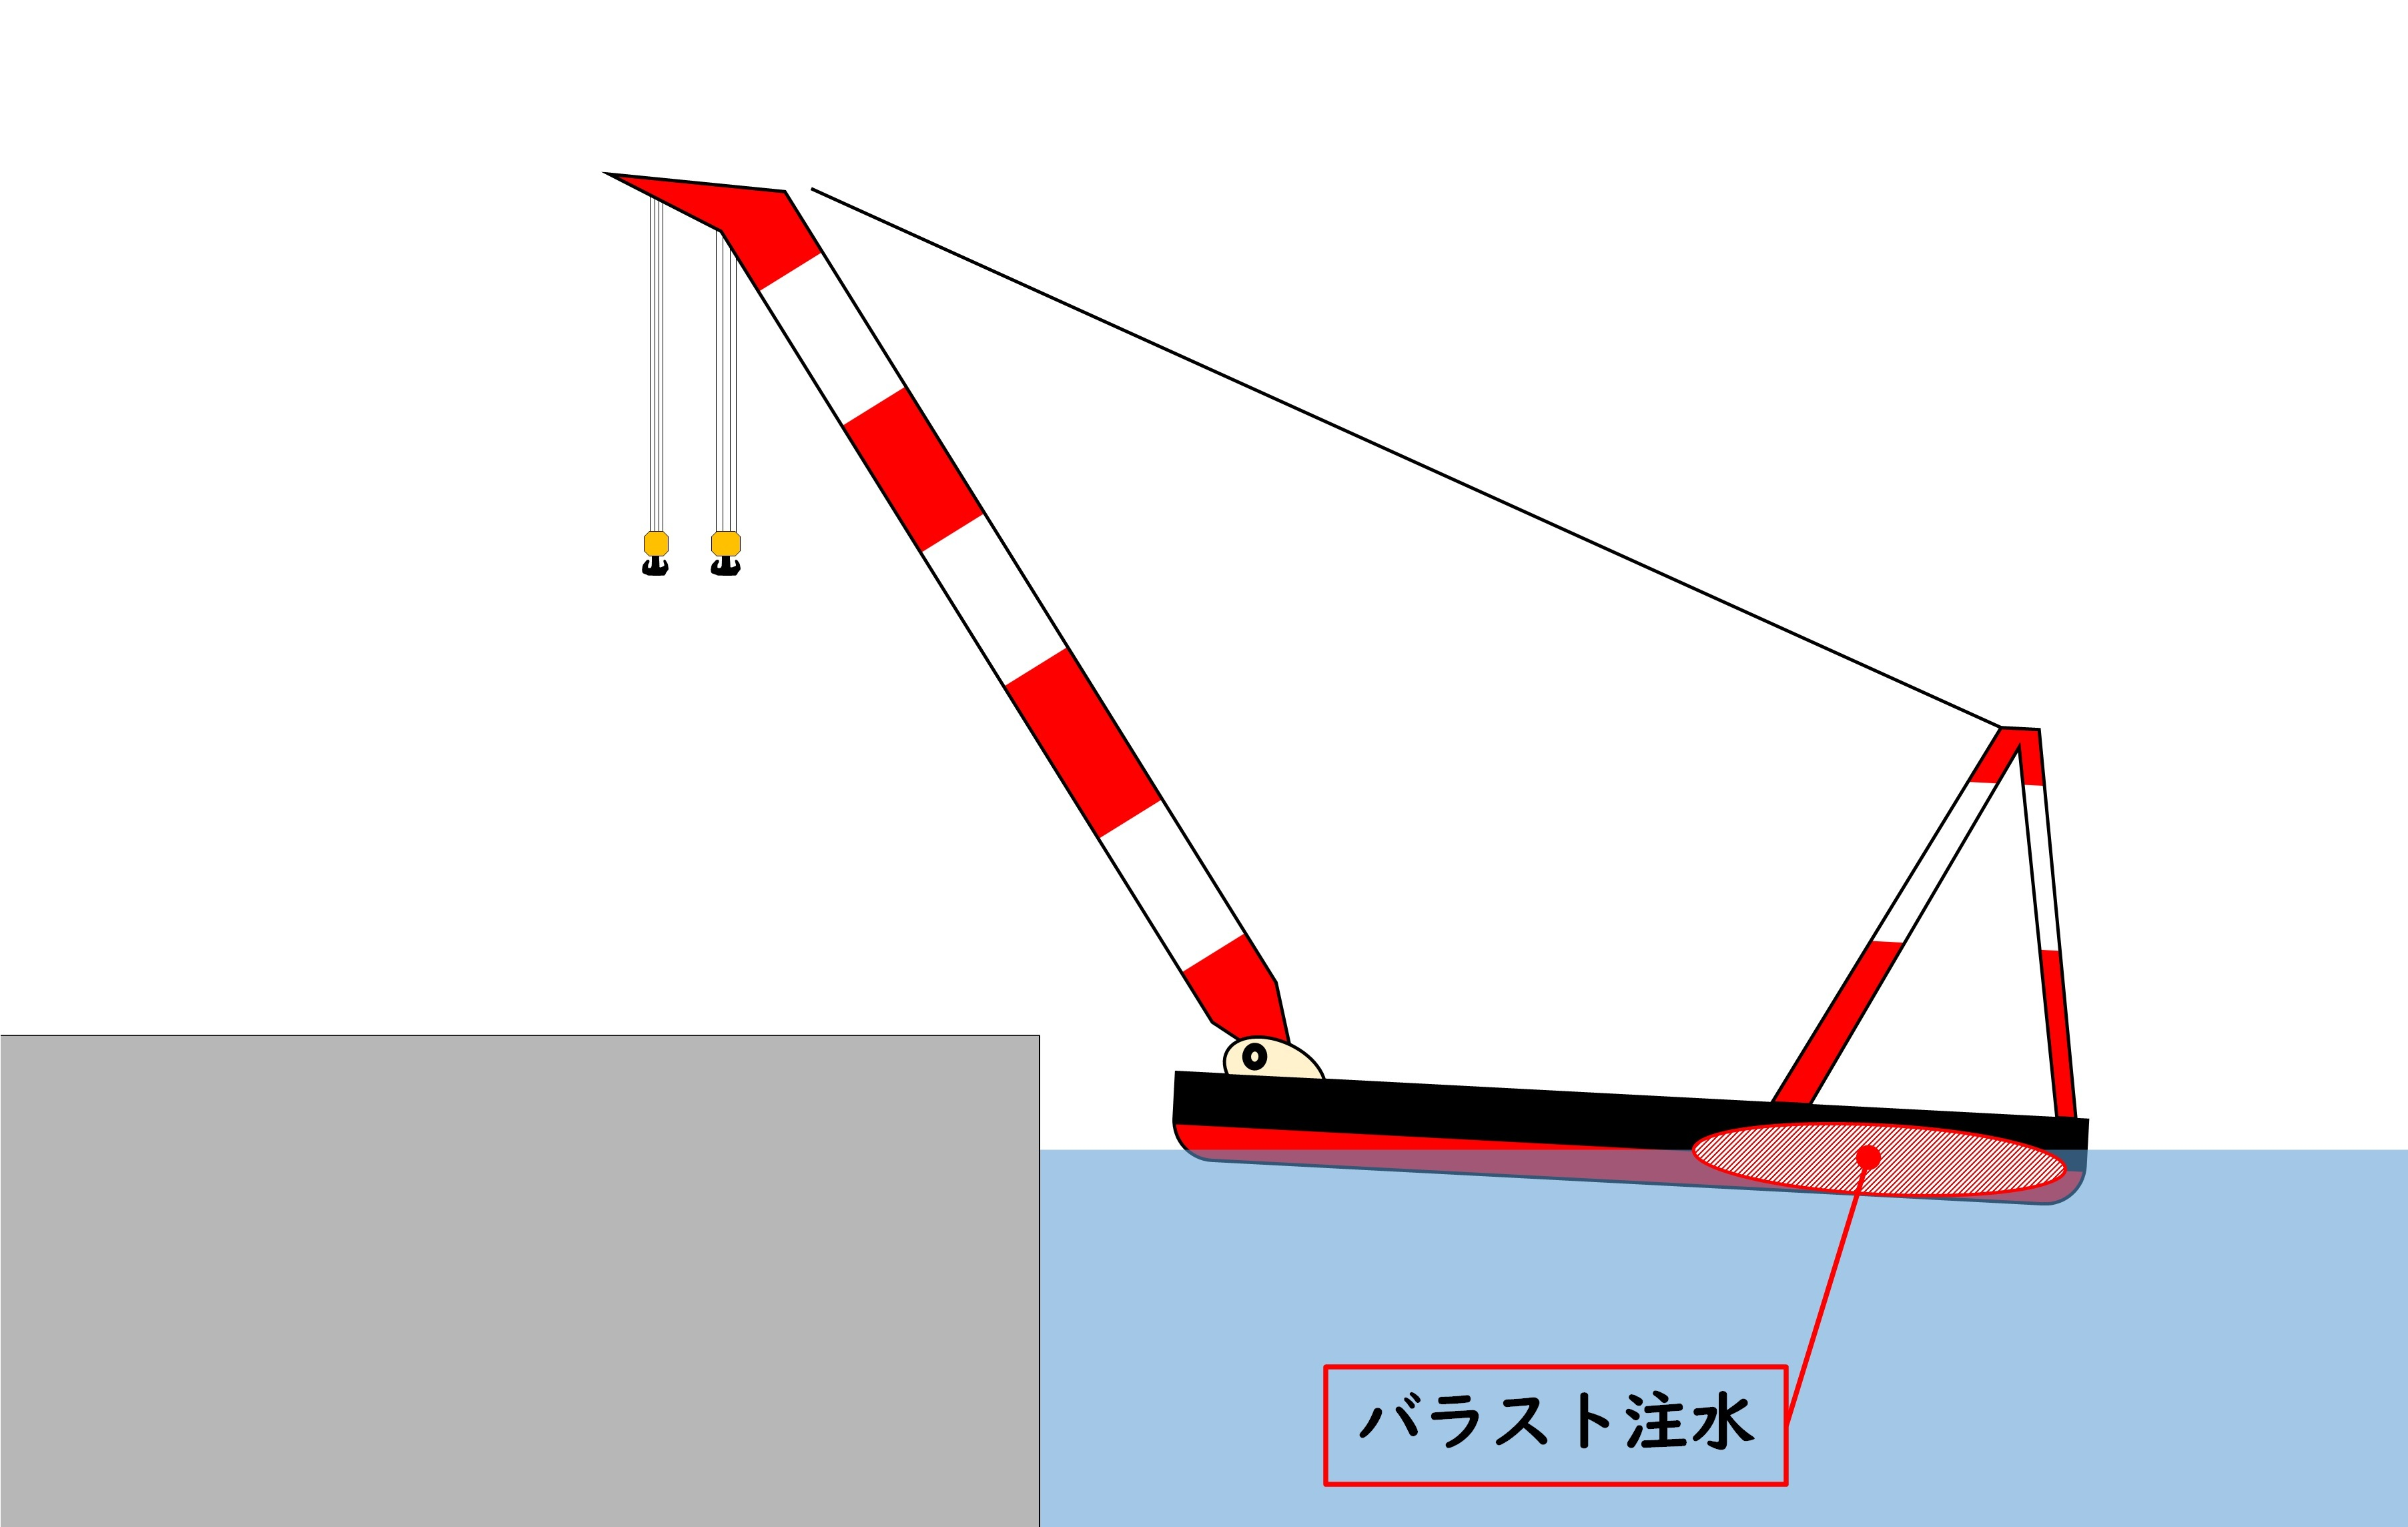 起重機船七不思議2-04